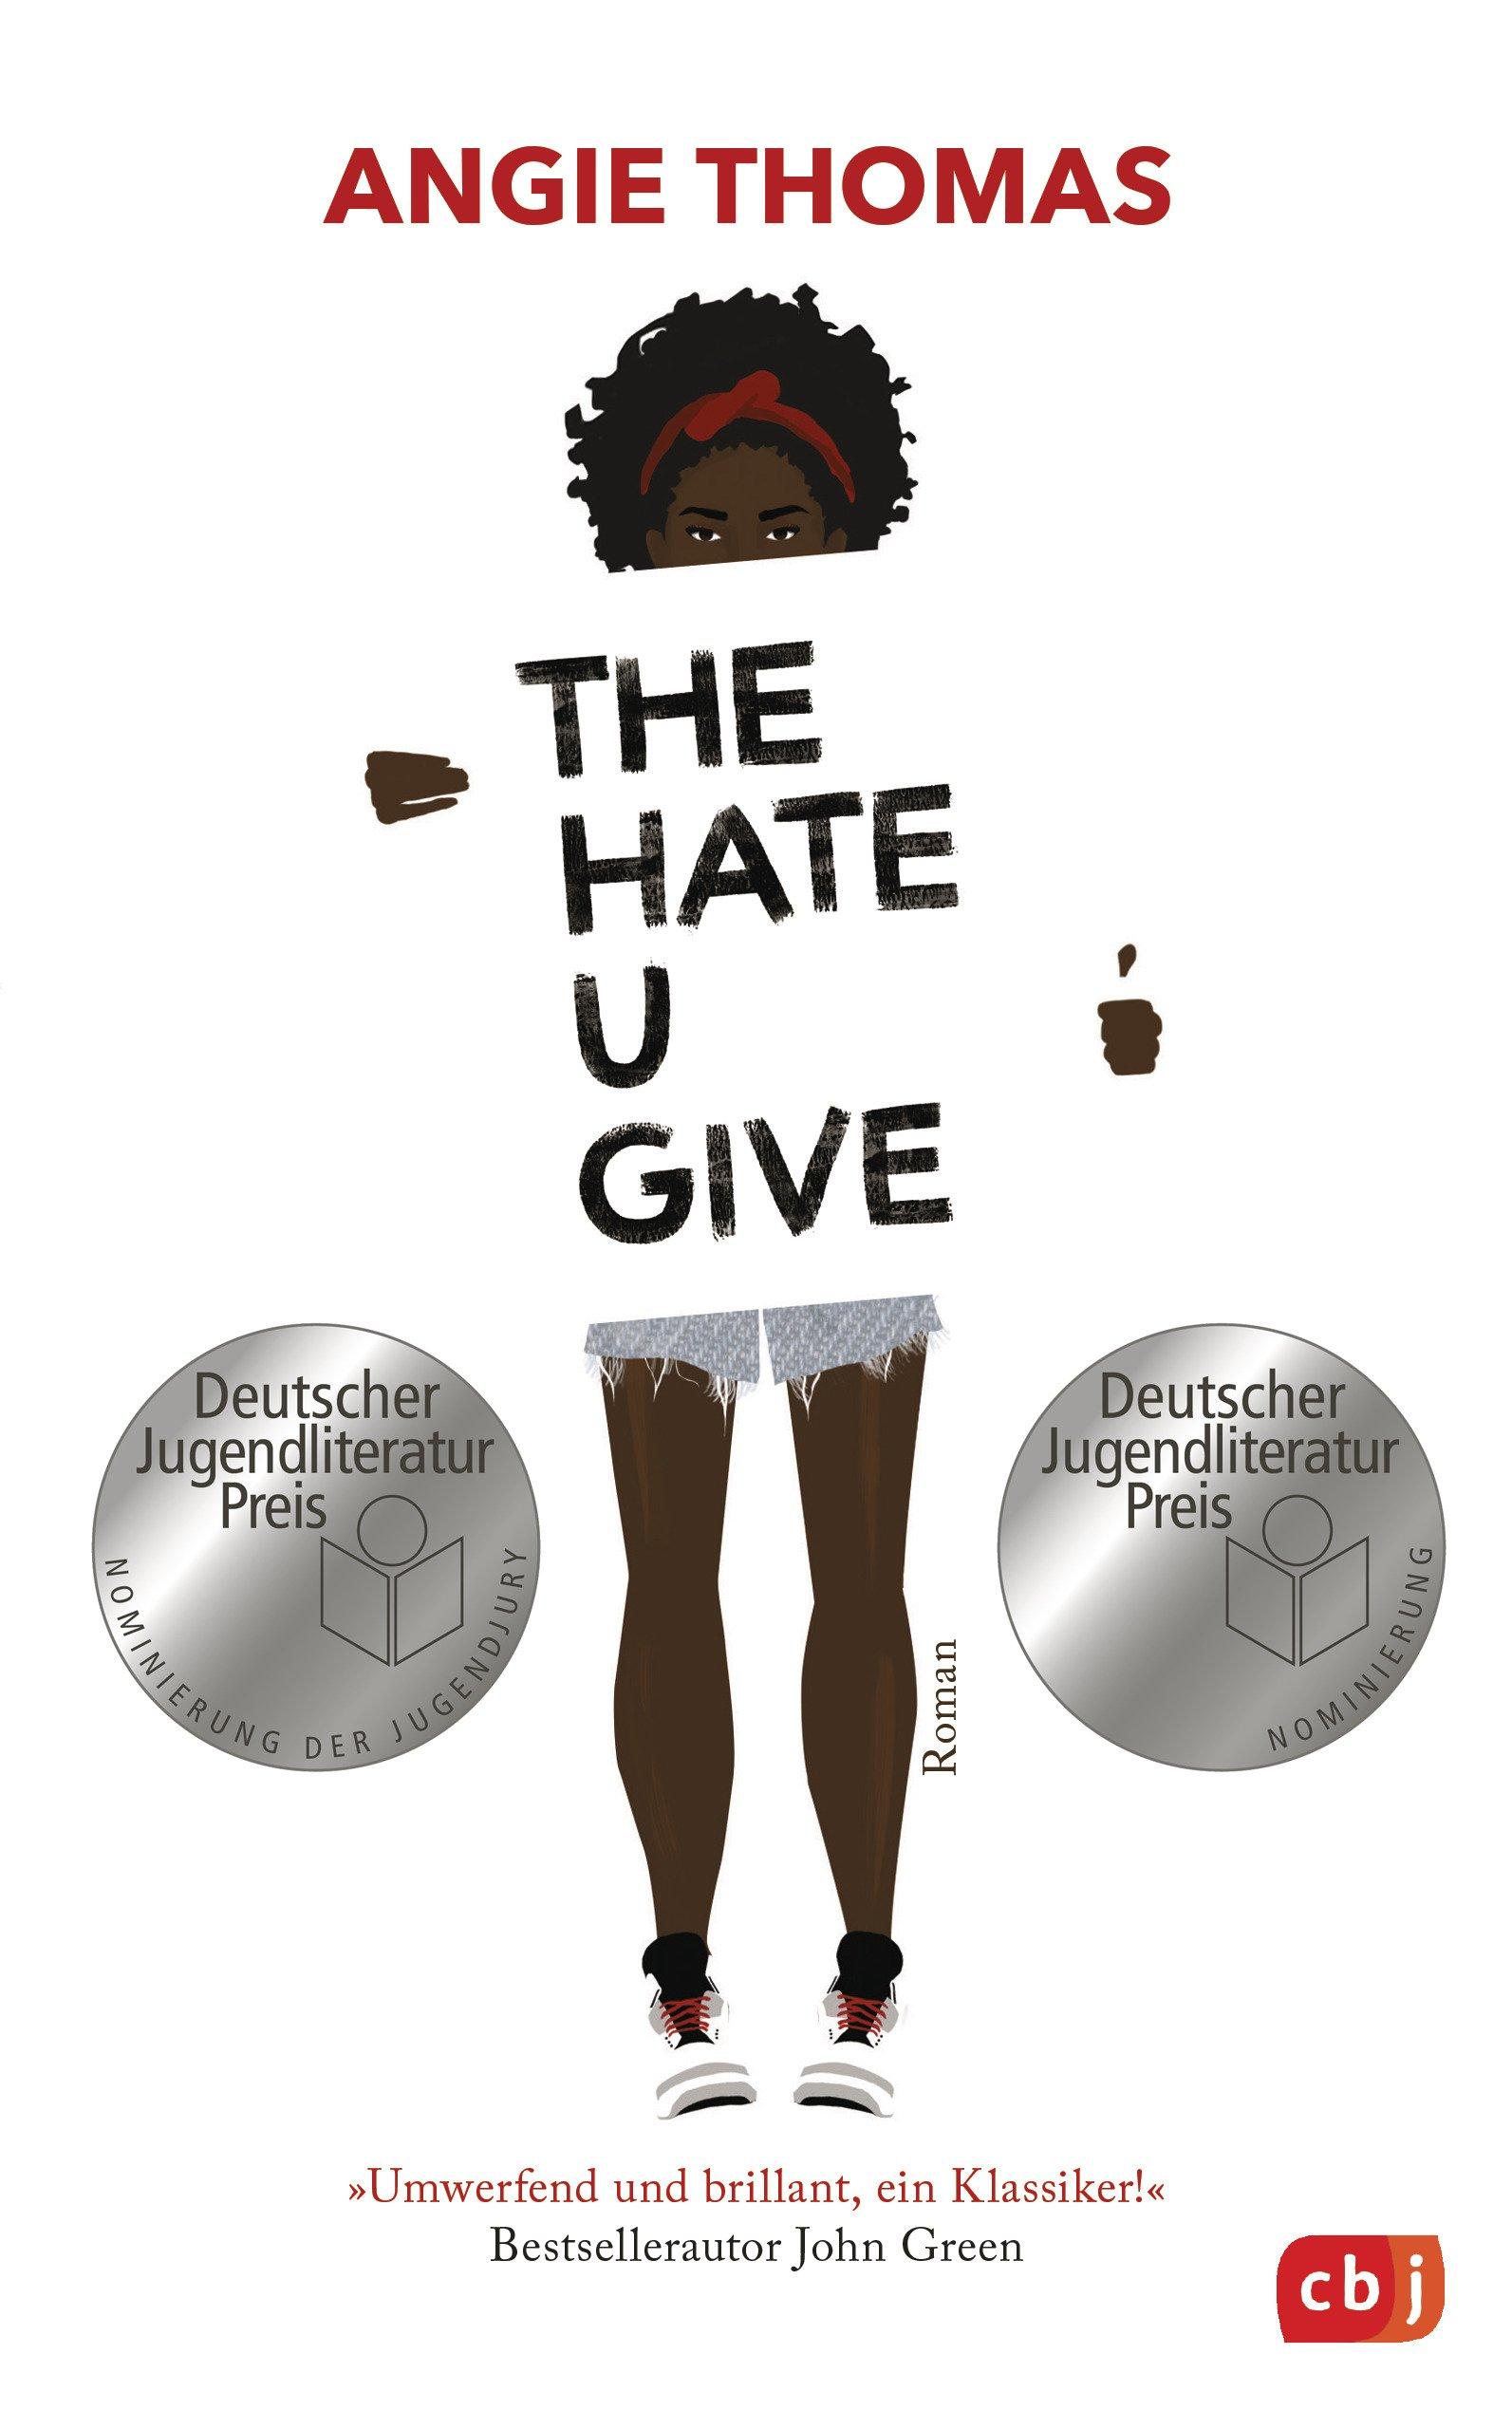 The Hate U Give: Nominiert für den Deutschen Jugendliteraturpreis 2018